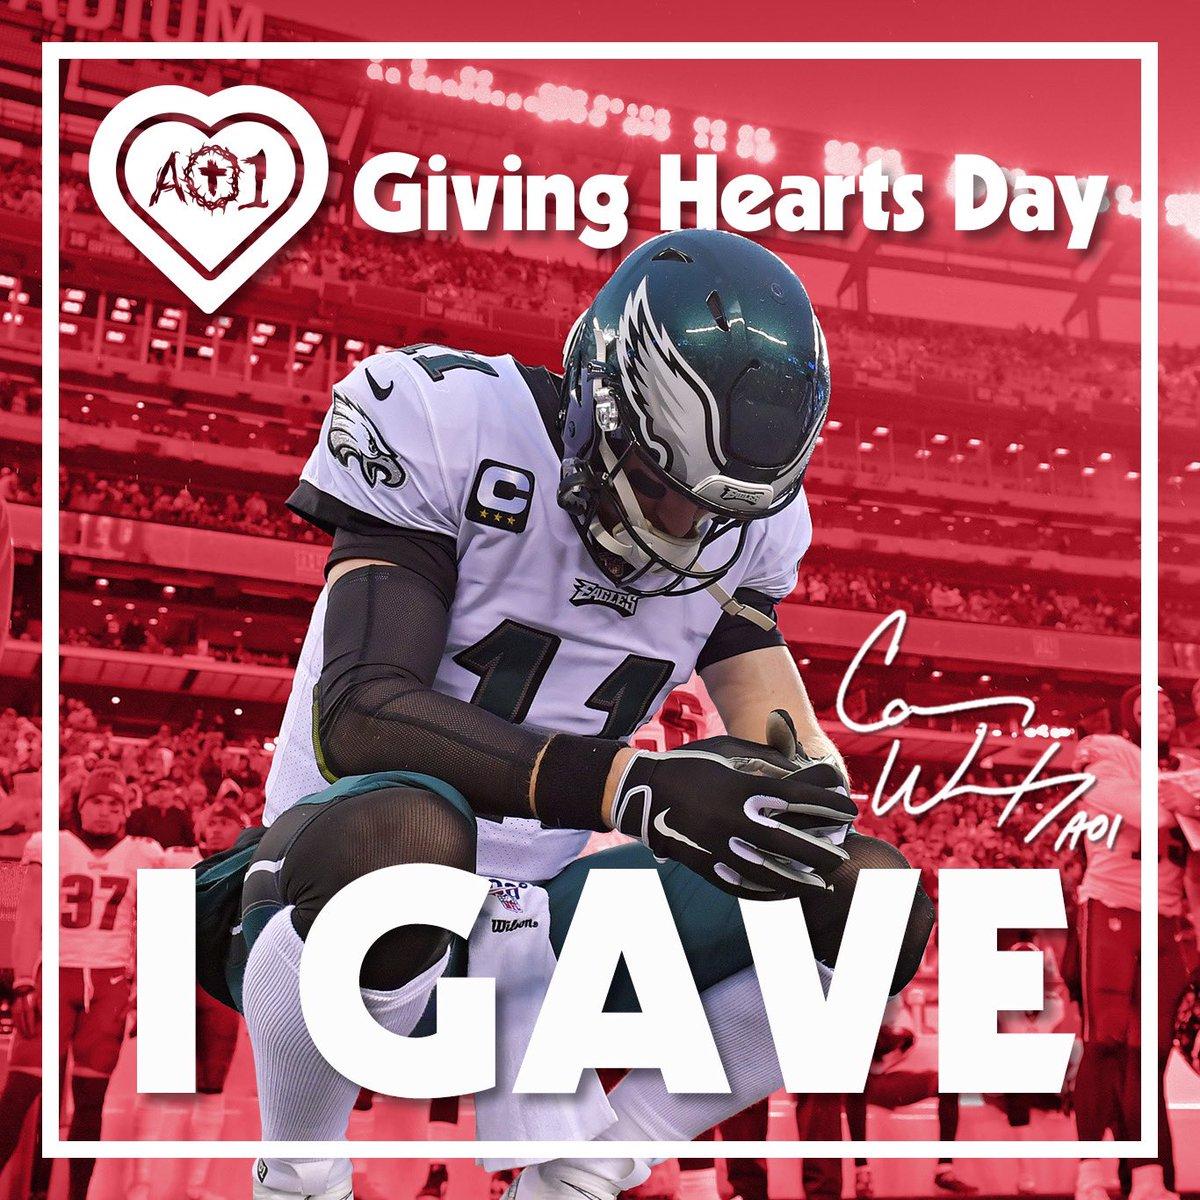 @KyleEmanuel51's photo on #GivingHeartsDay